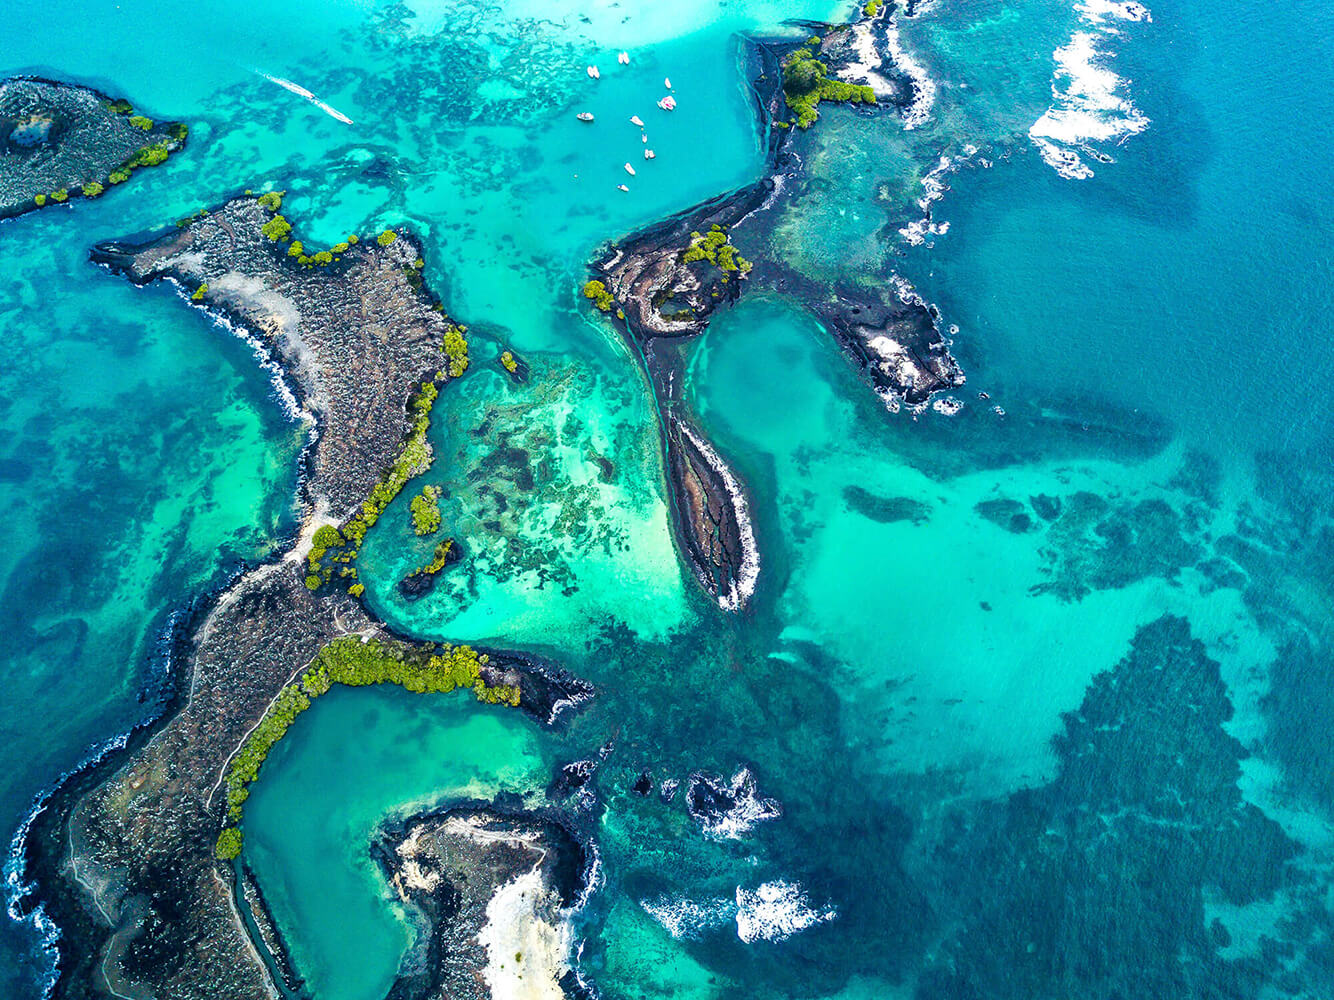 Reise in Galapagos und Ecuador in Südamerika. Aus der Luft sind einige kleine Vulkaninseln, Riffe und vereinzelte Boote zu erkennen.